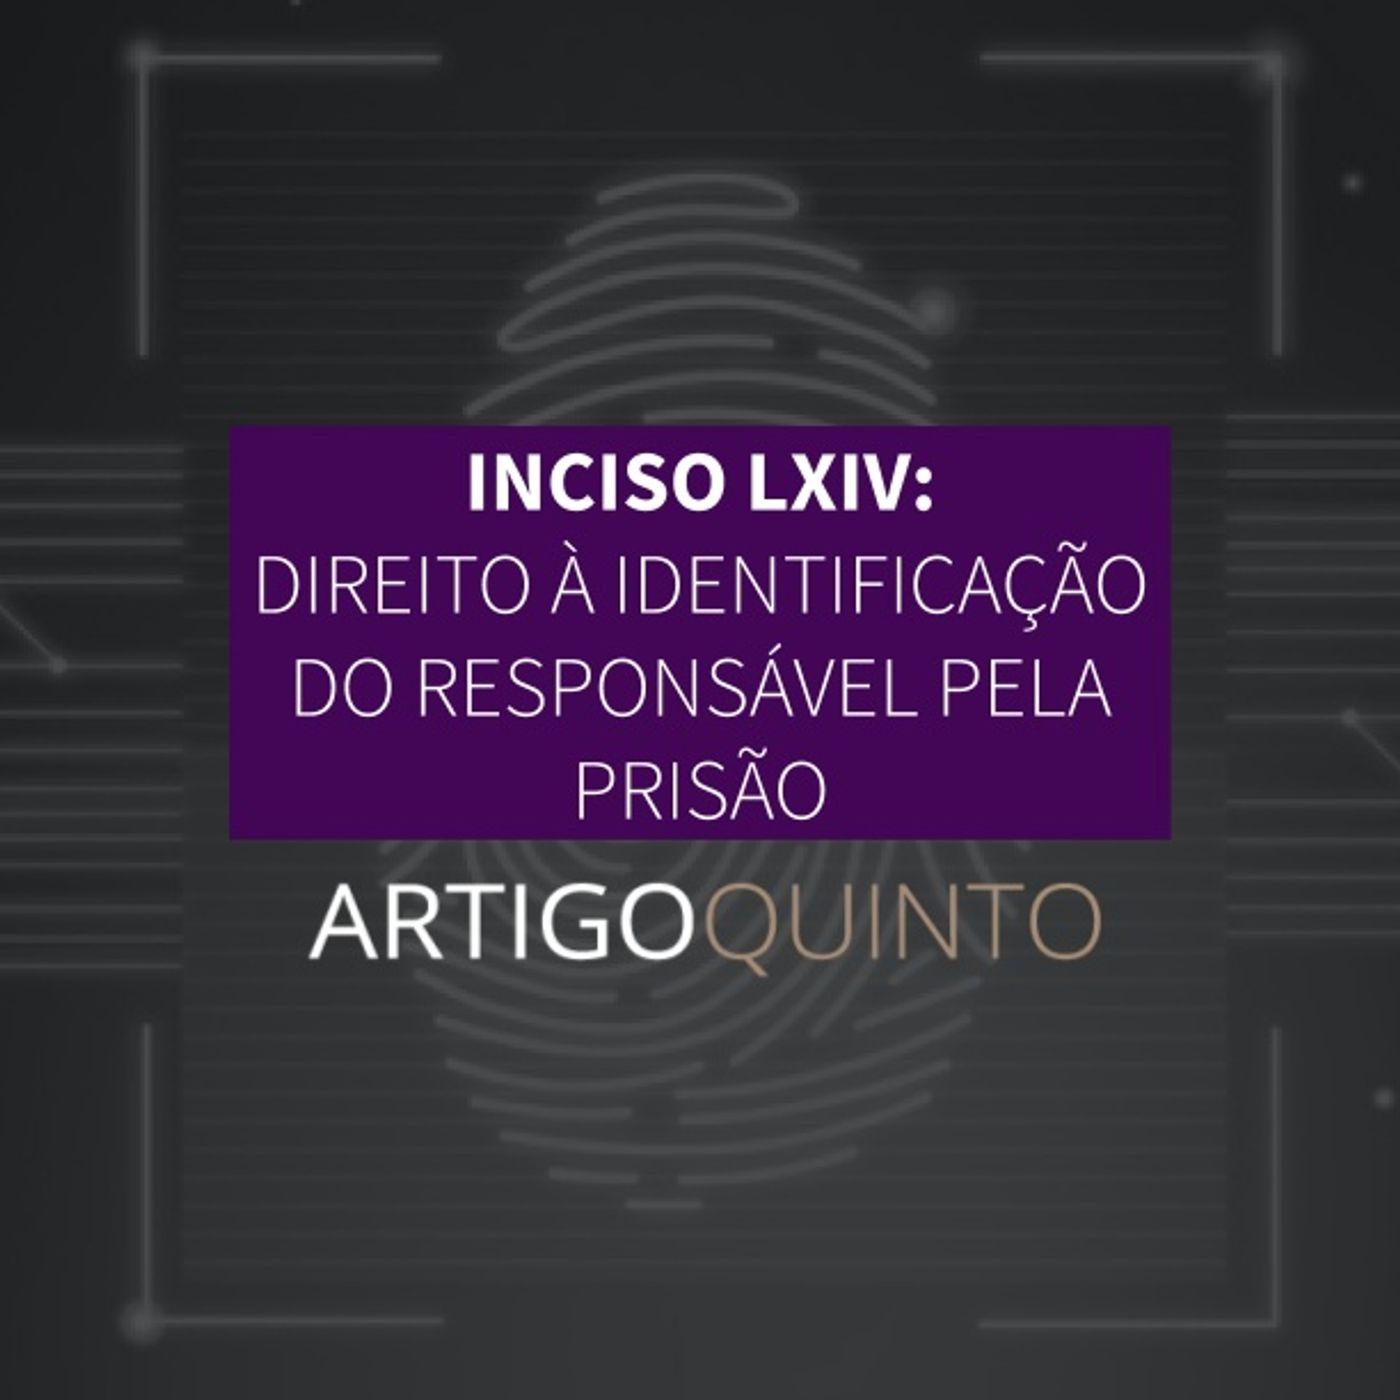 Inciso LXIV - Direito à identificação do responsável pela prisão